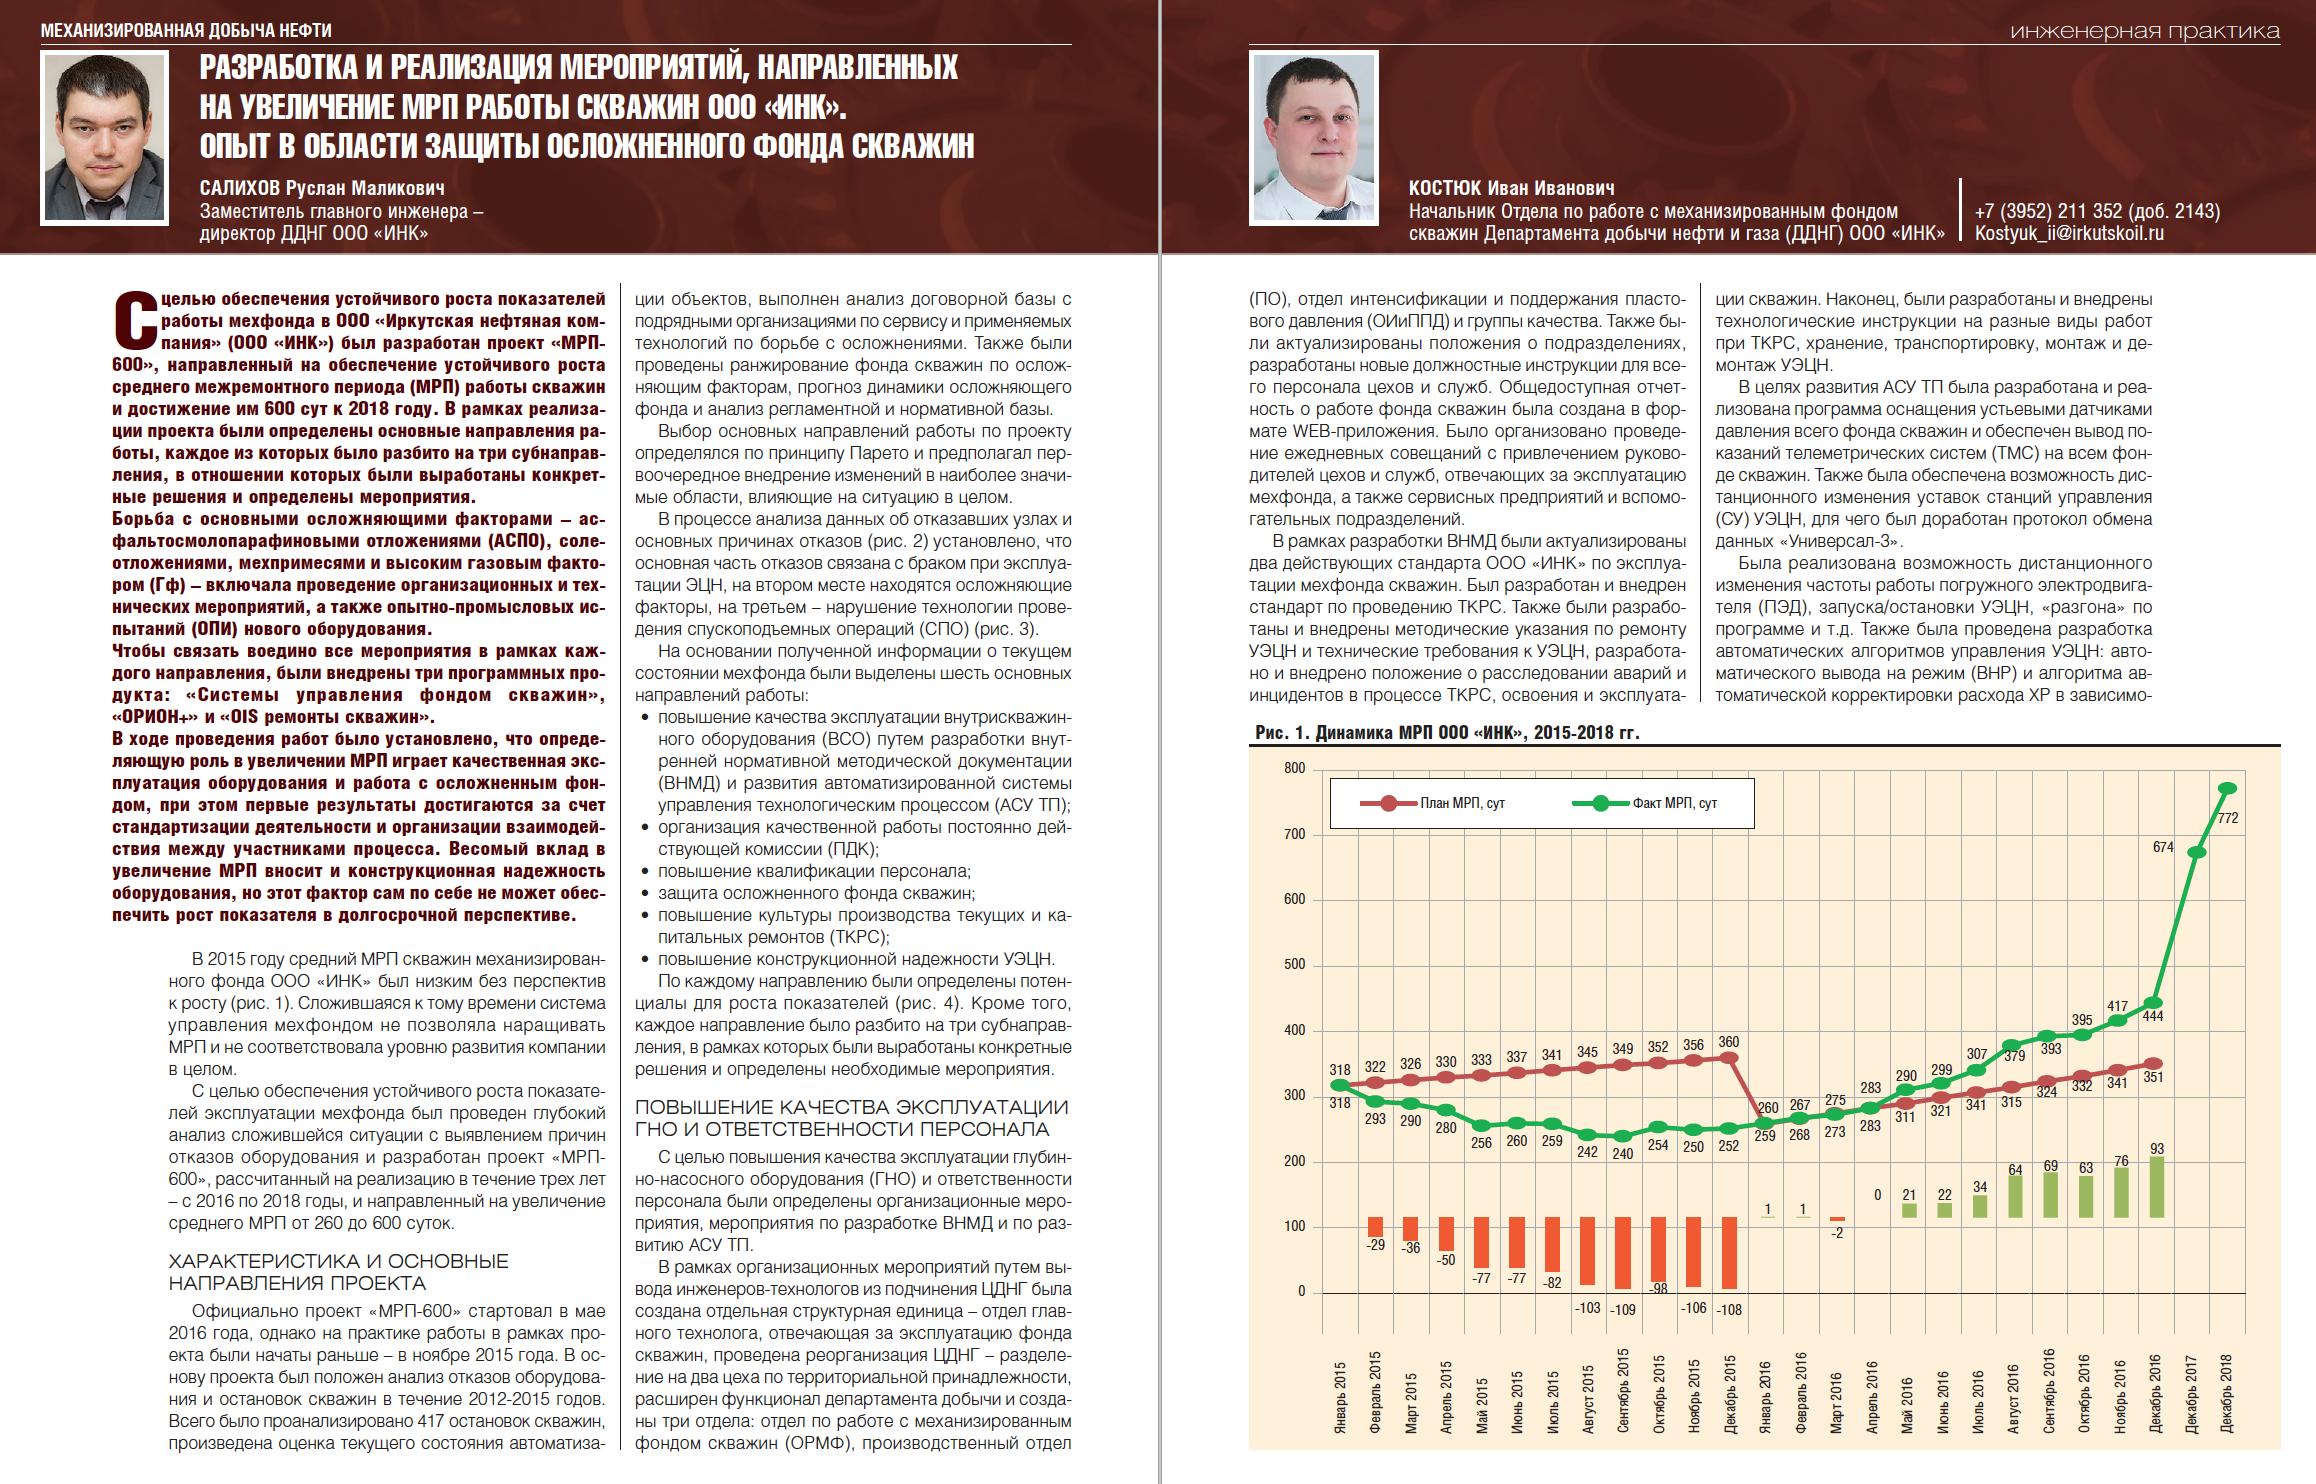 30492 Разработка и реализация мероприятий, направленных на увеличение МРП работы скважин ООО «ИНК».